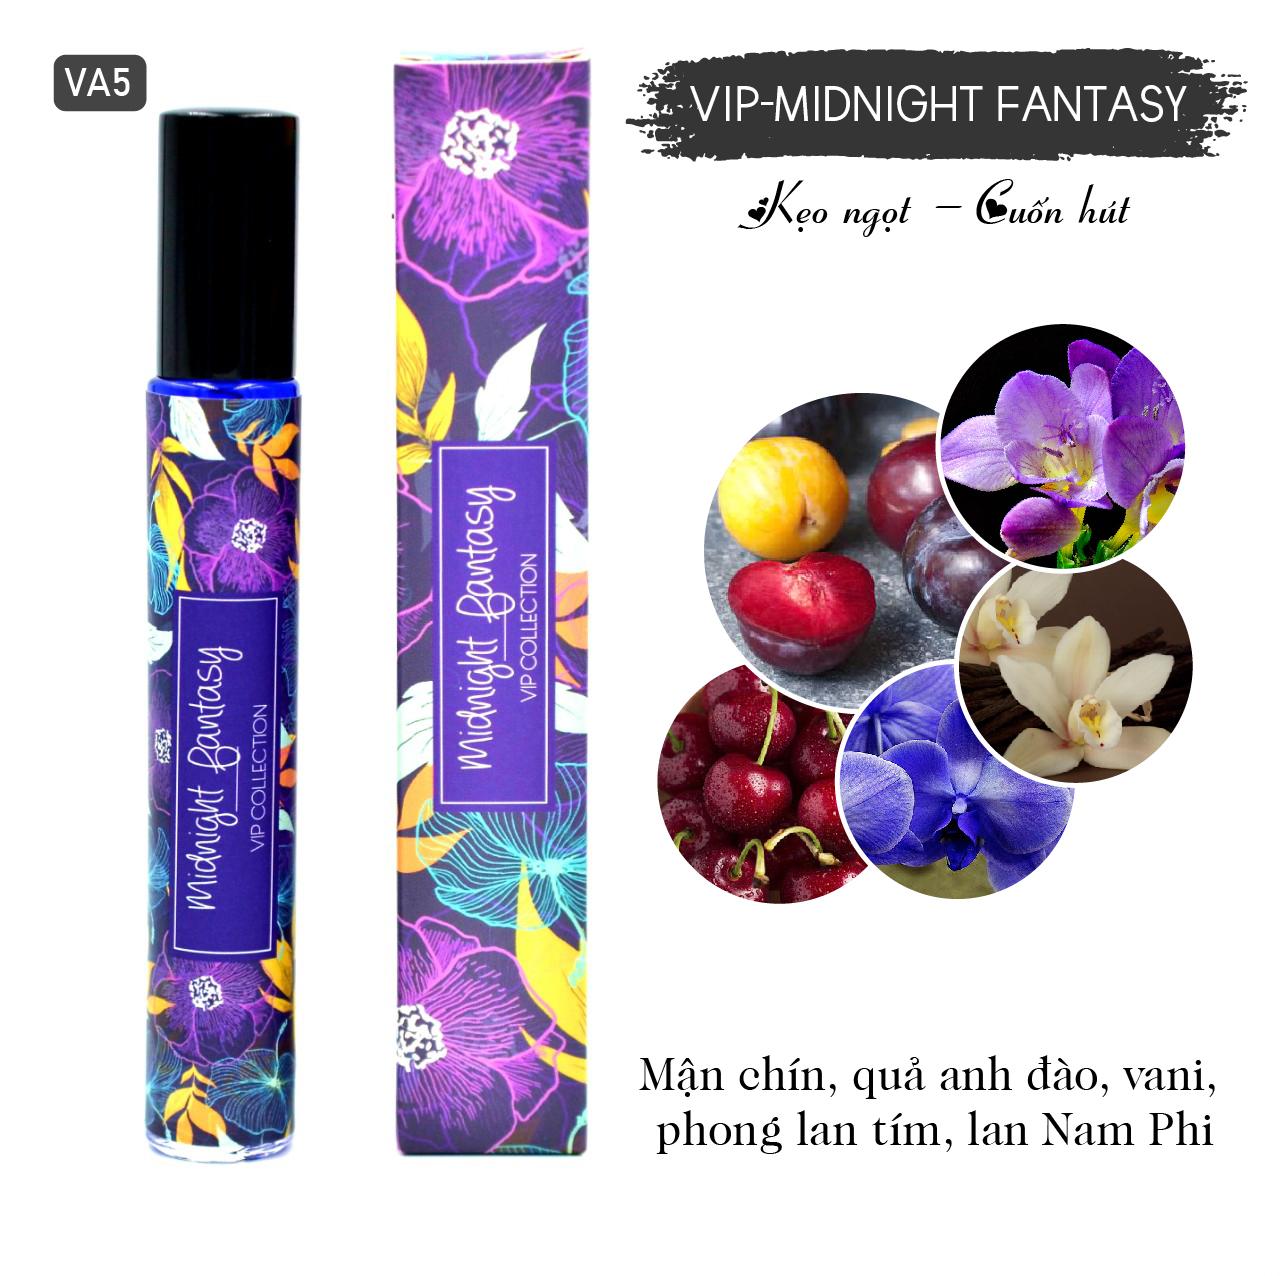 Tinh dầu nước hoa Midnight Fantasy